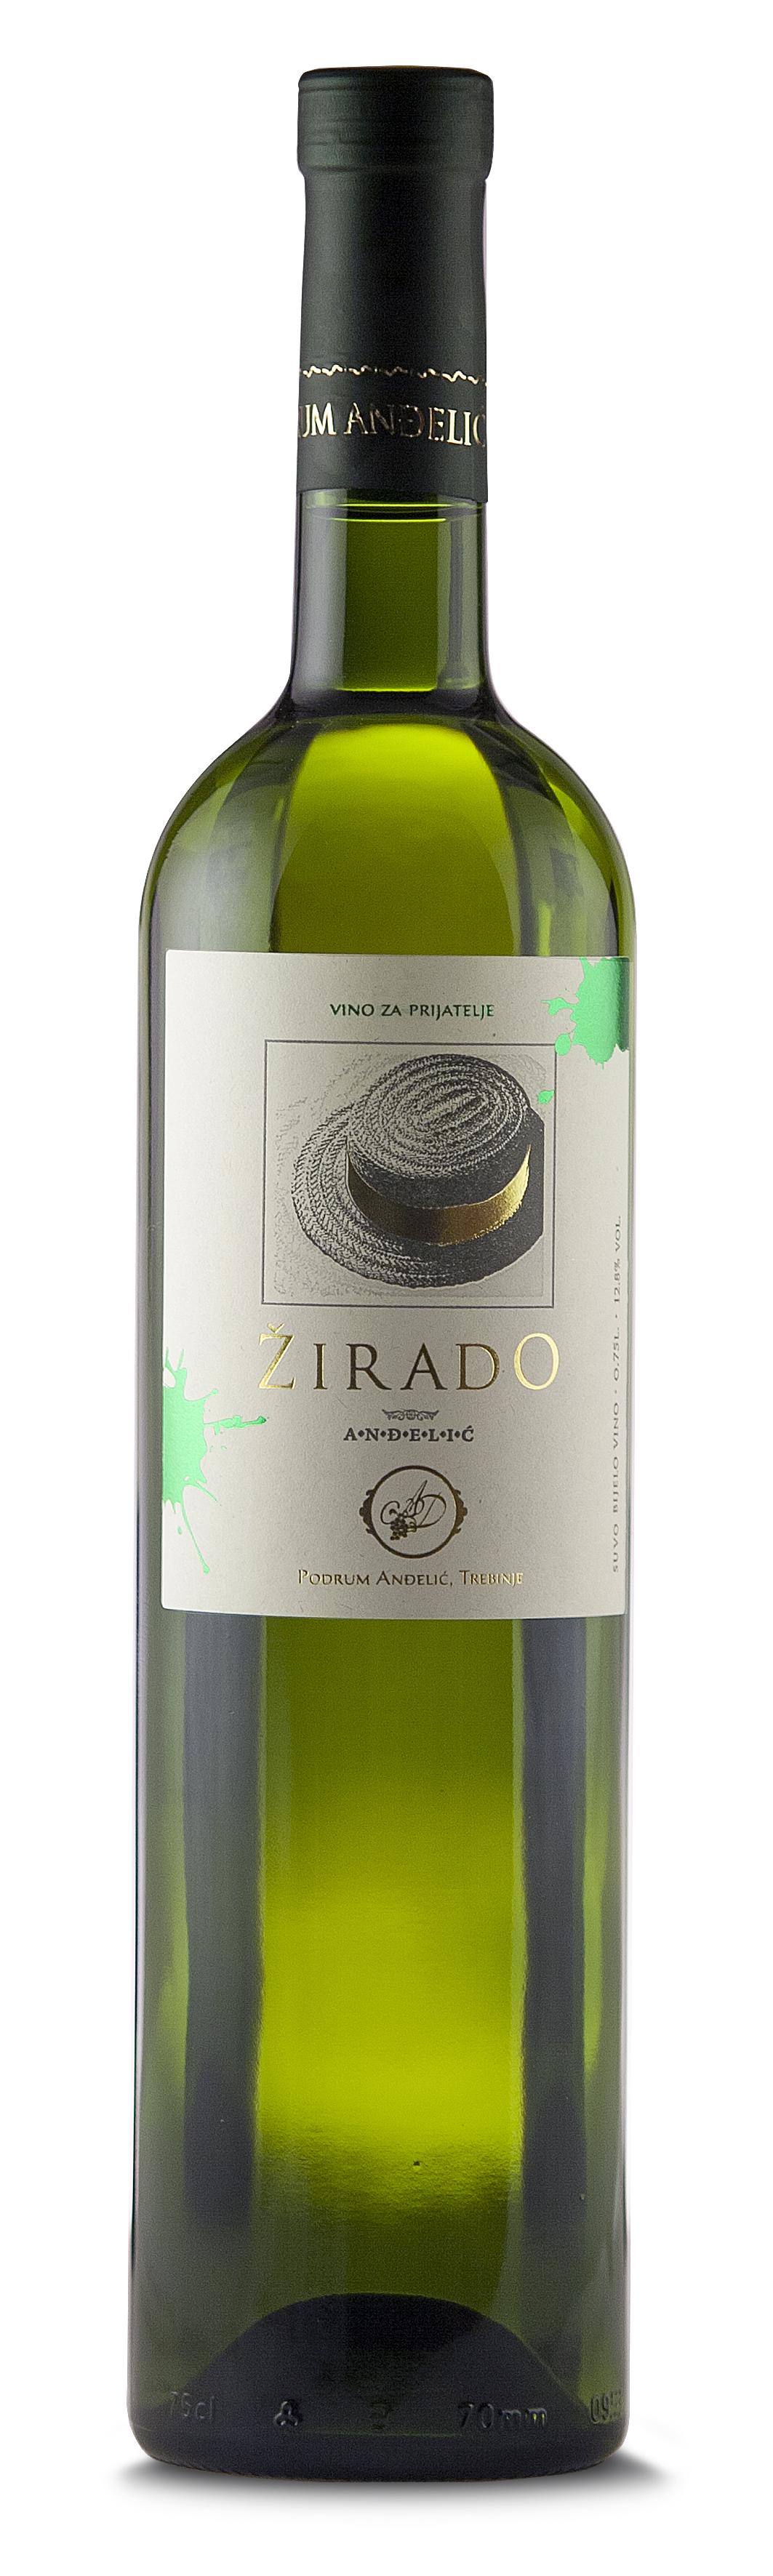 Podrum Anđelić Trebinje Belo vino Žirado, White wine